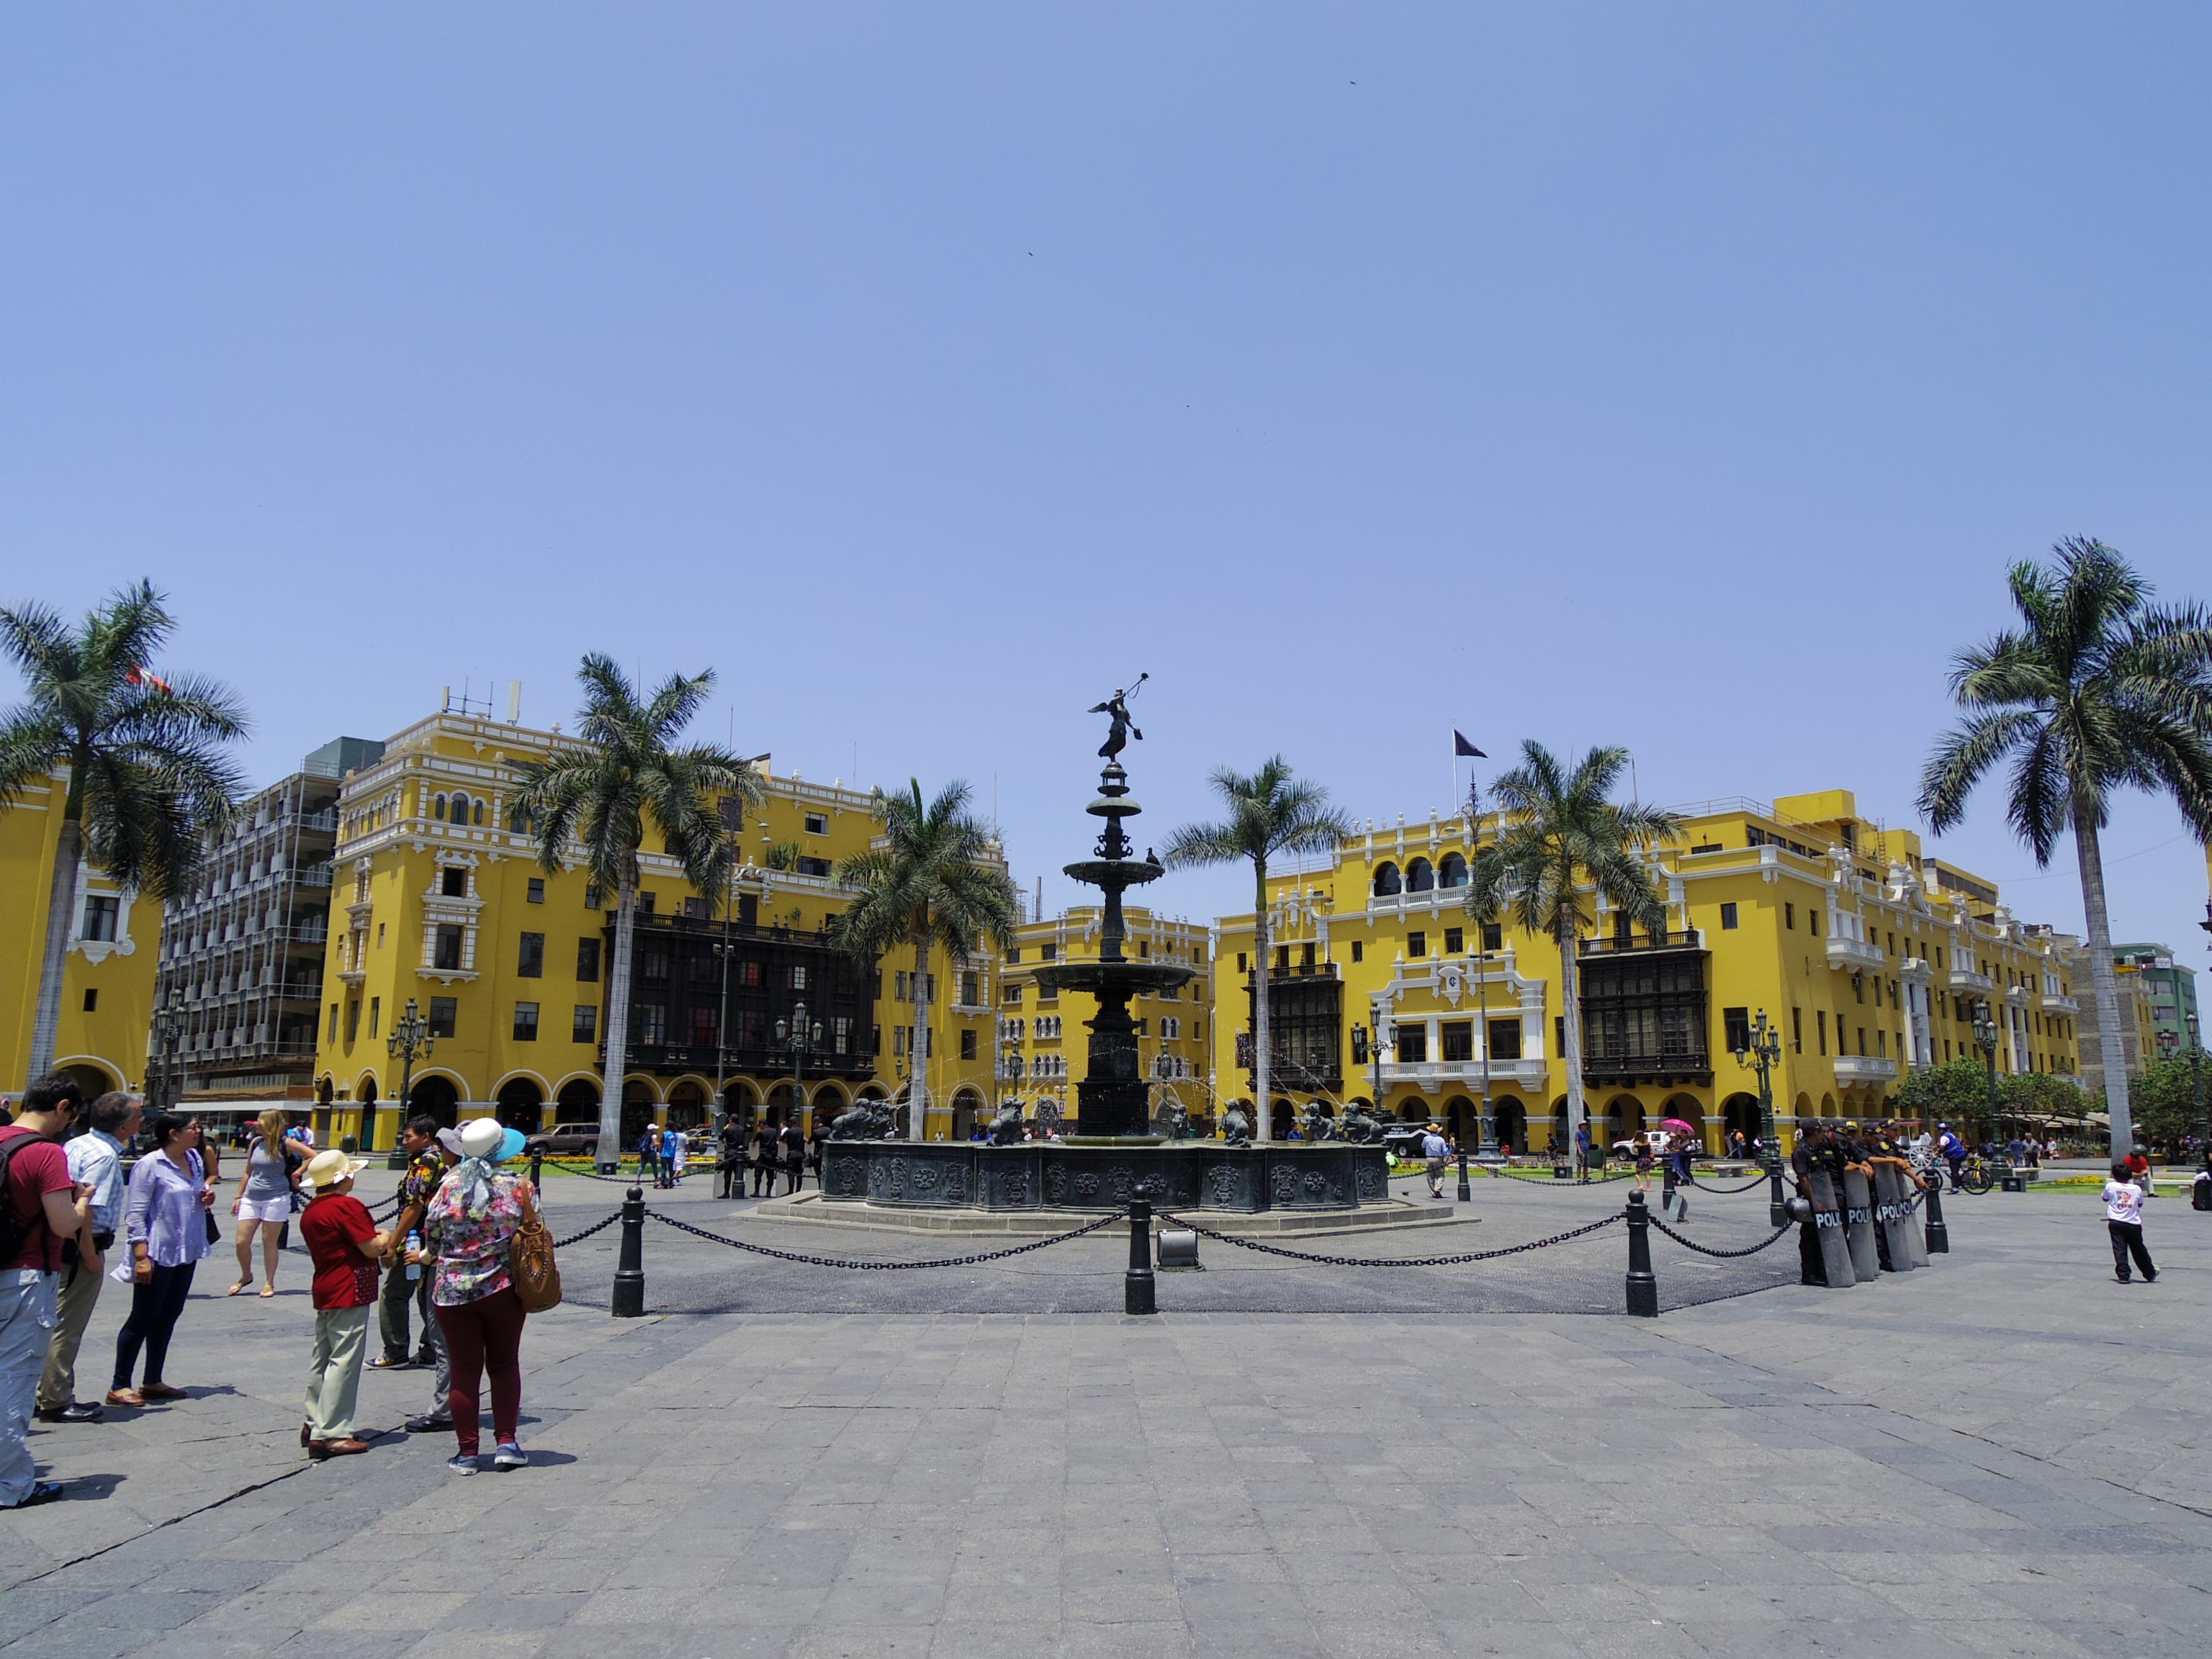 【リマの観光地紹介】旧市街を街歩き。ペルーはおいしいご飯が多いらしい!